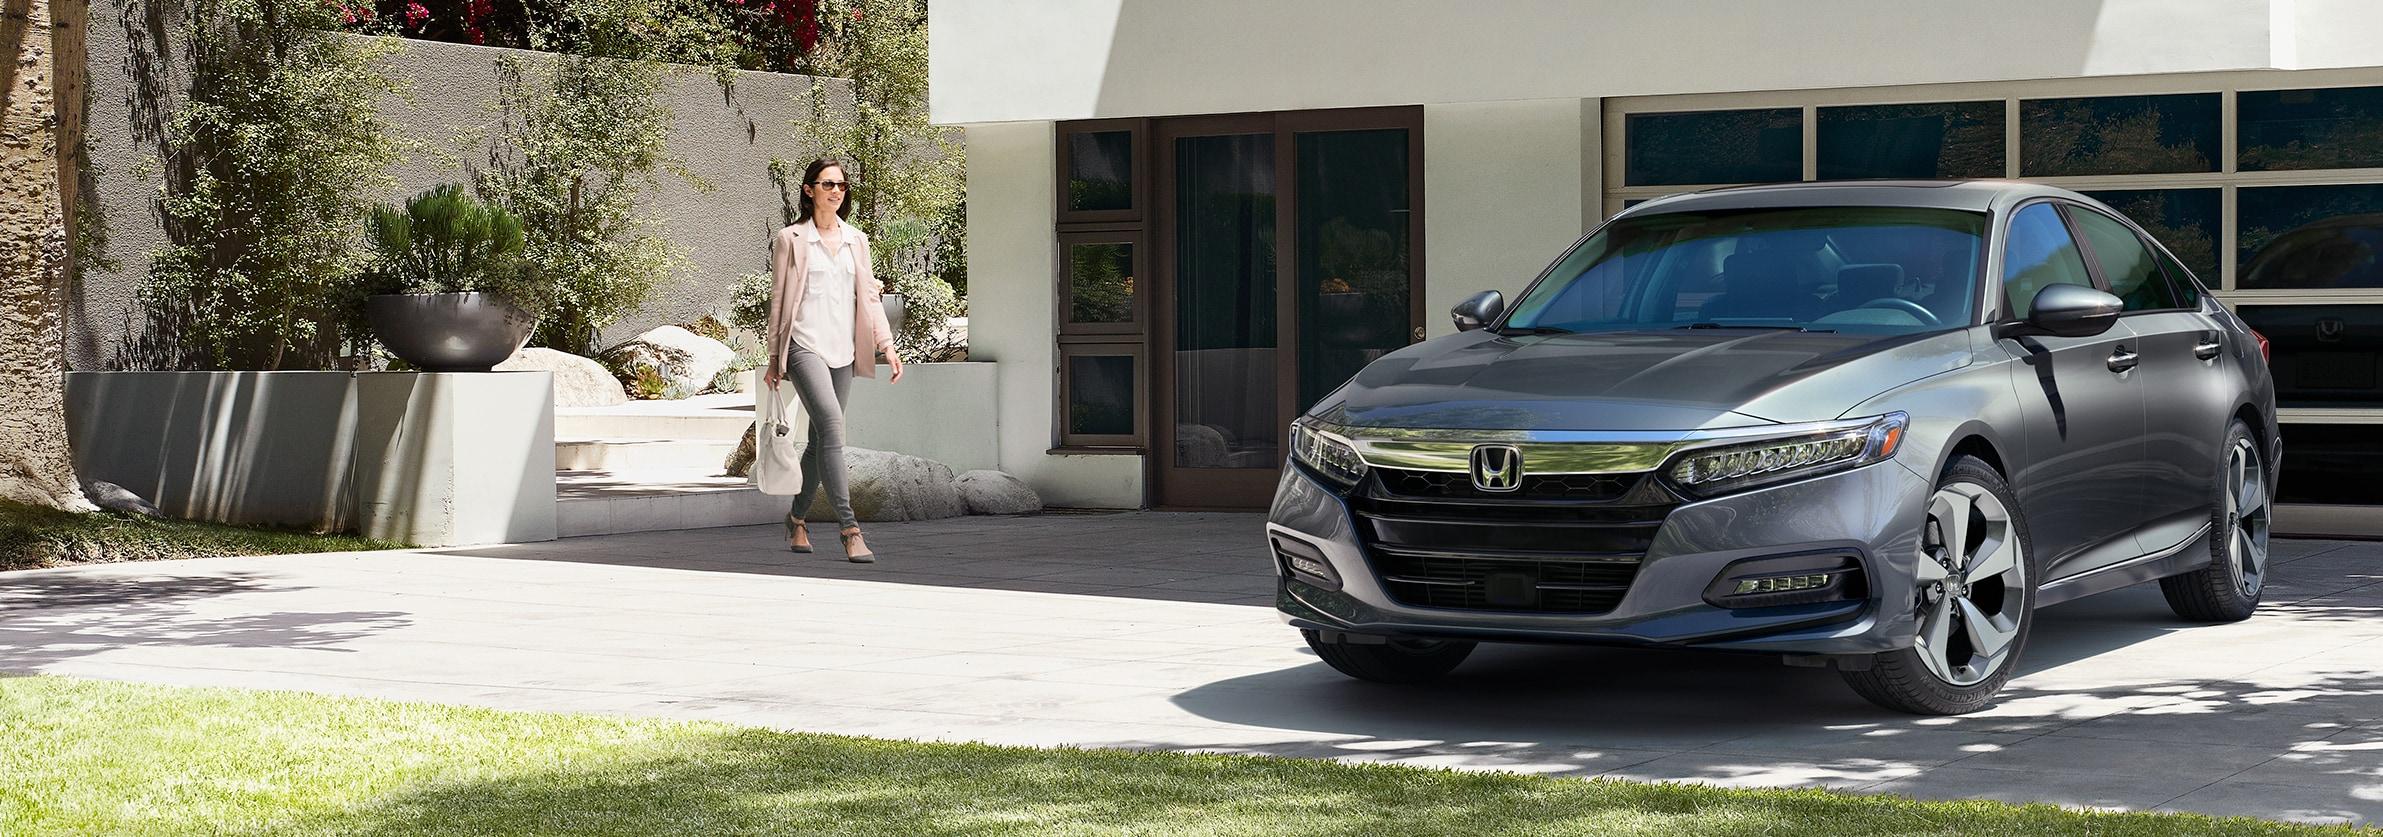 Honda Dealers In Tennessee >> New Honda Accord For Sale Honda Dealer Near Nashville Tn